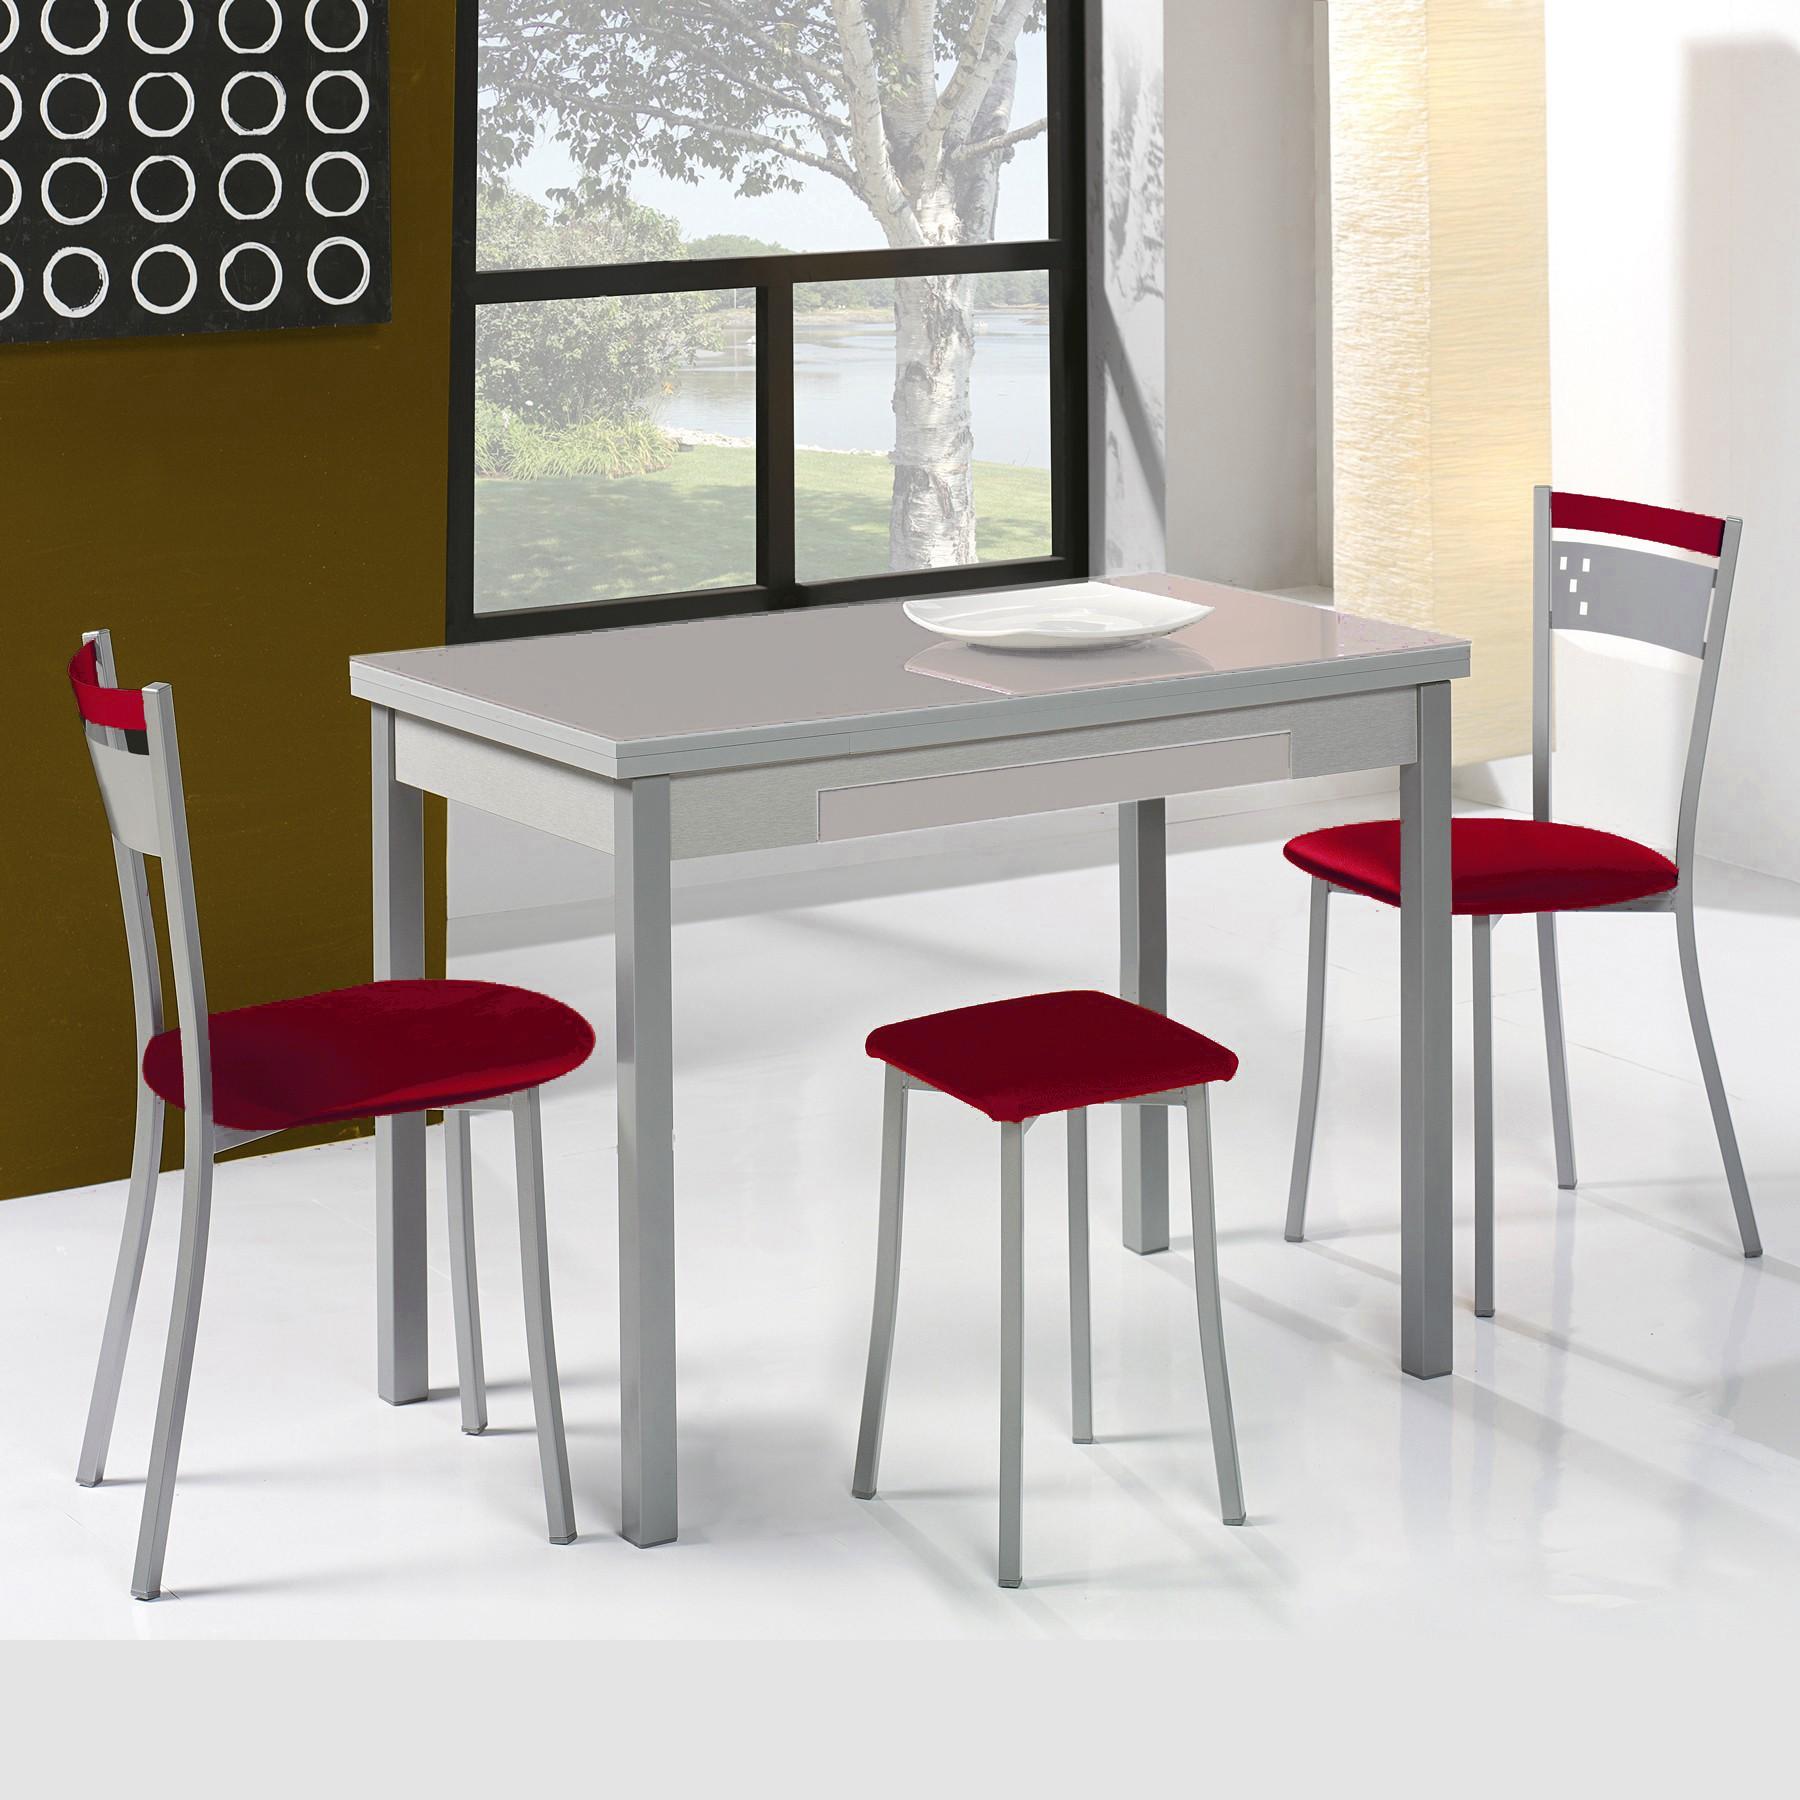 Pack mesa de cocina extensible y 4 sillas mod a for Juego de mesa y sillas para cocina